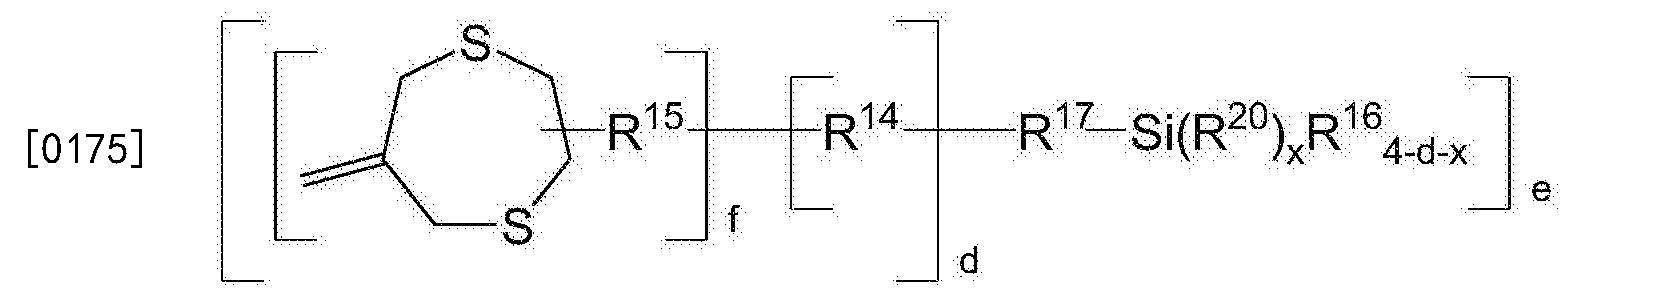 Figure CN105555855BD00192